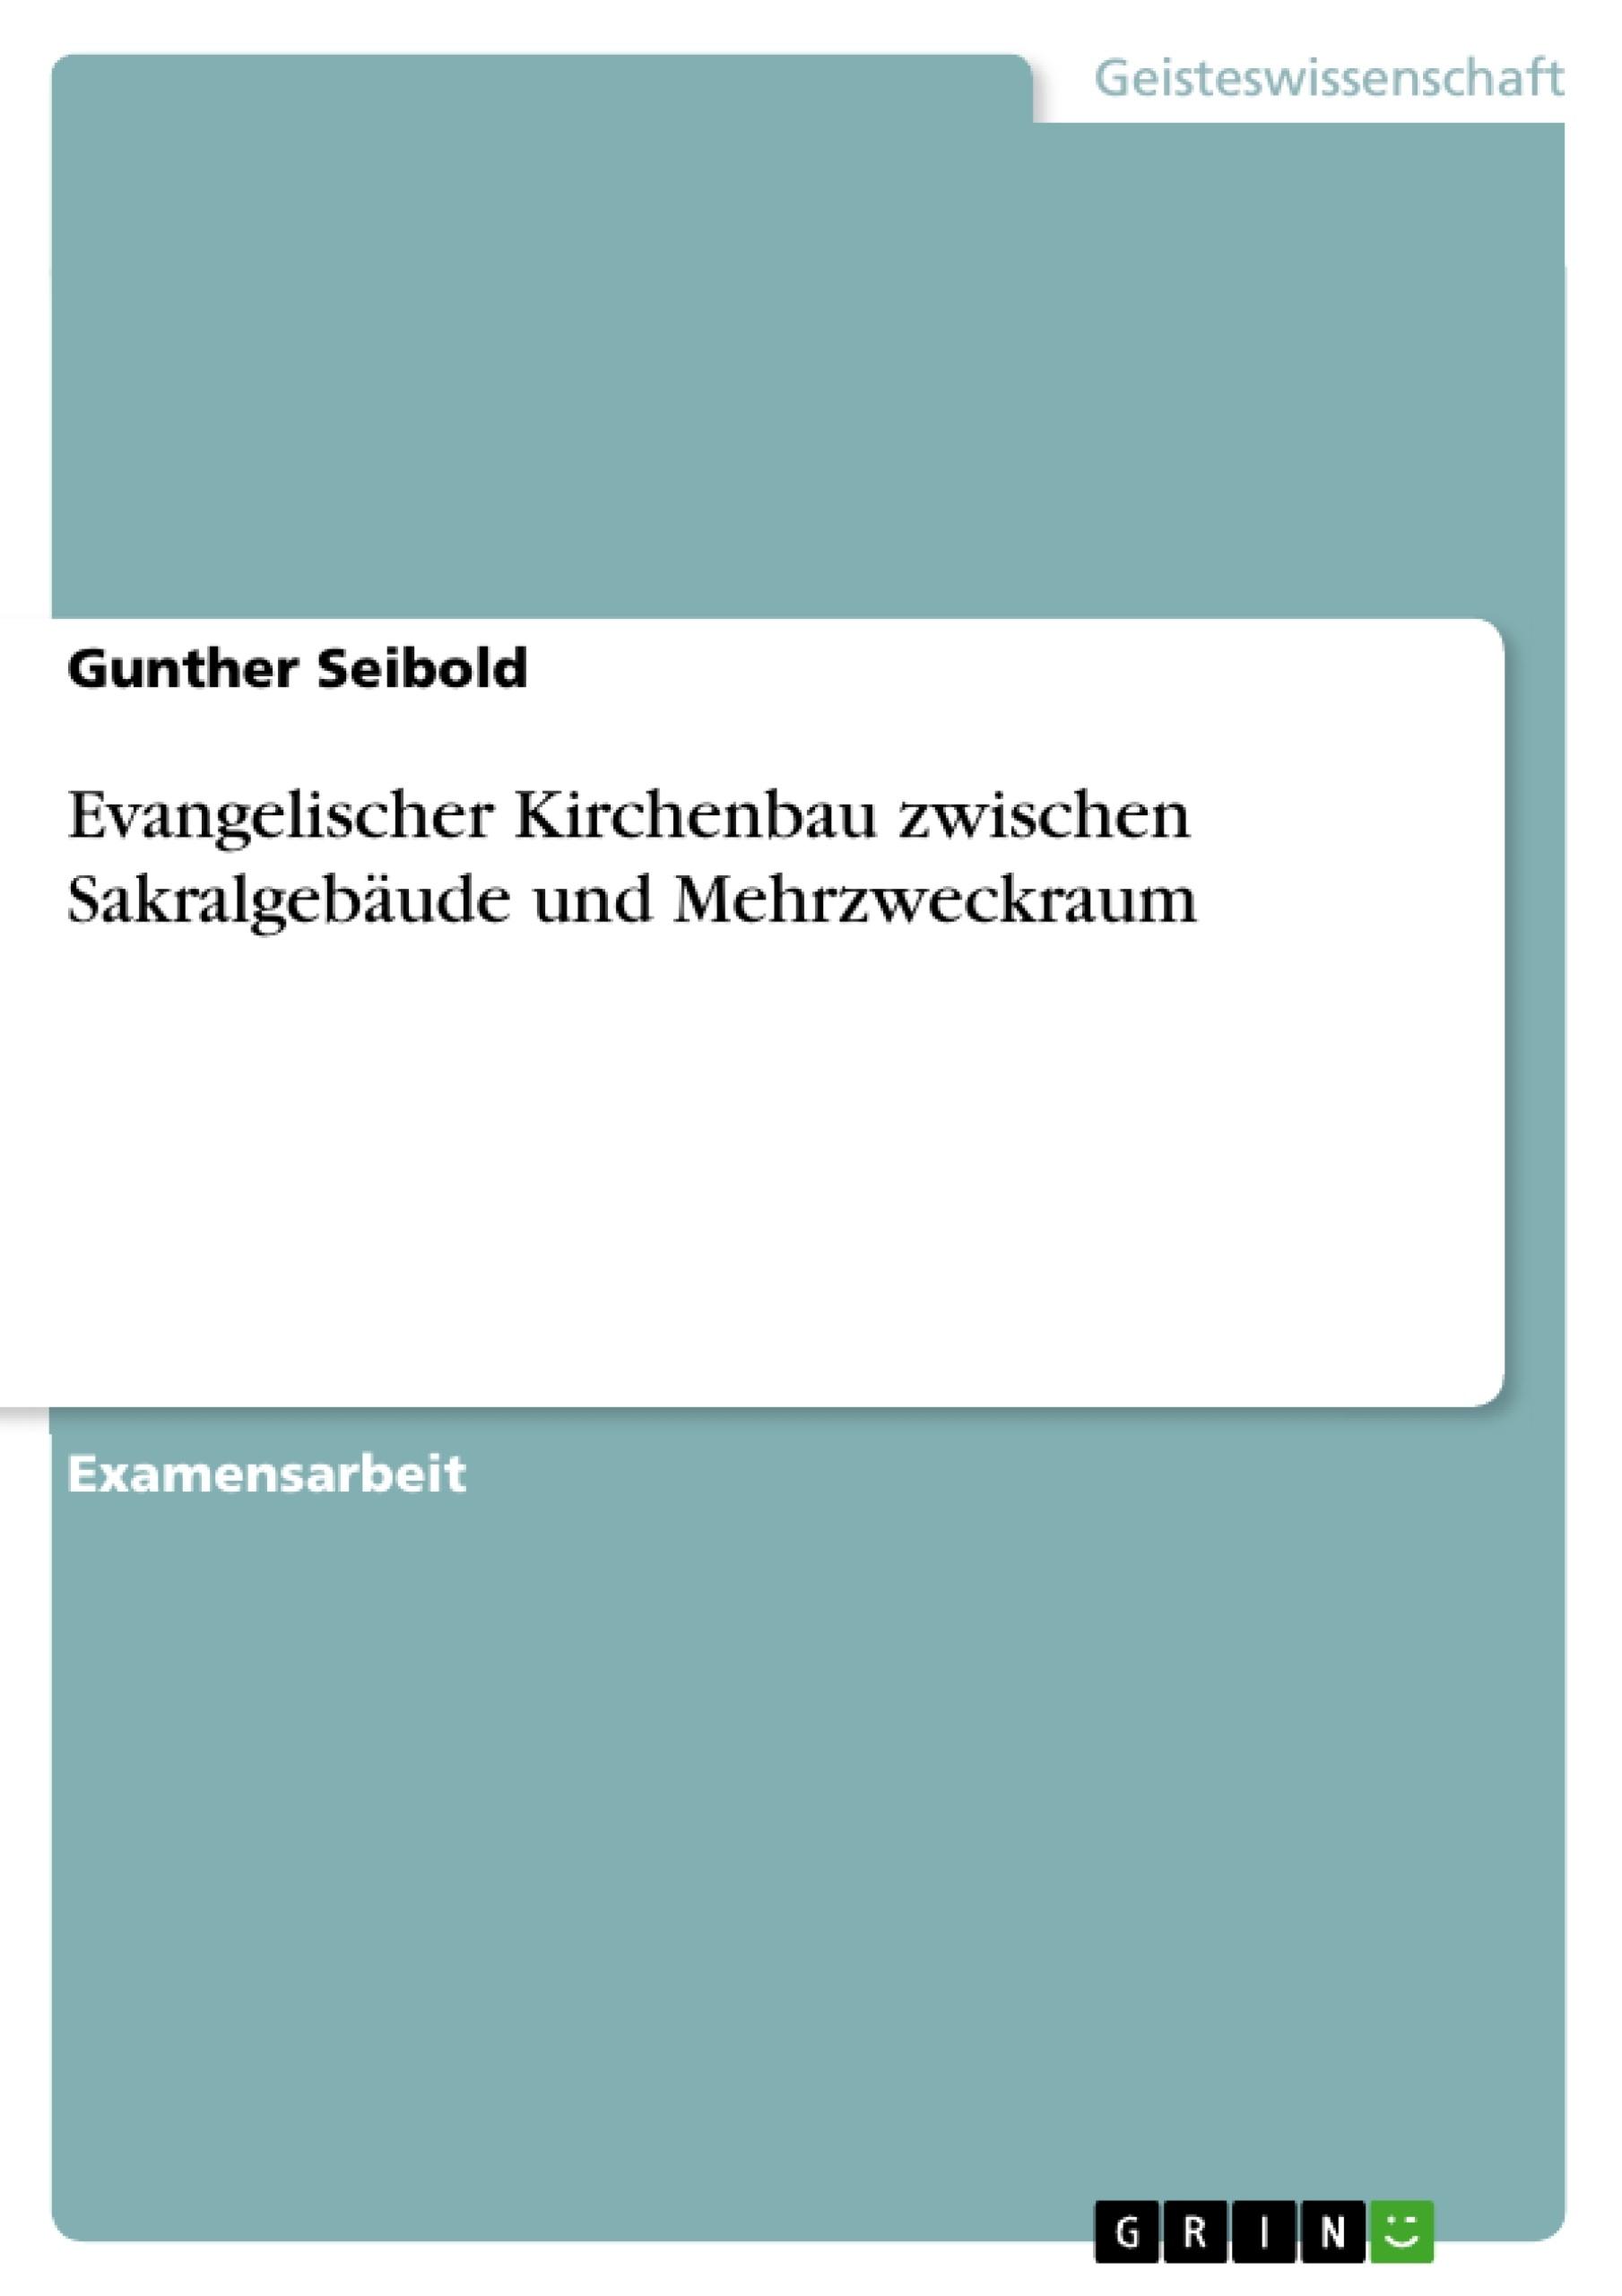 Titel: Evangelischer Kirchenbau zwischen Sakralgebäude und Mehrzweckraum